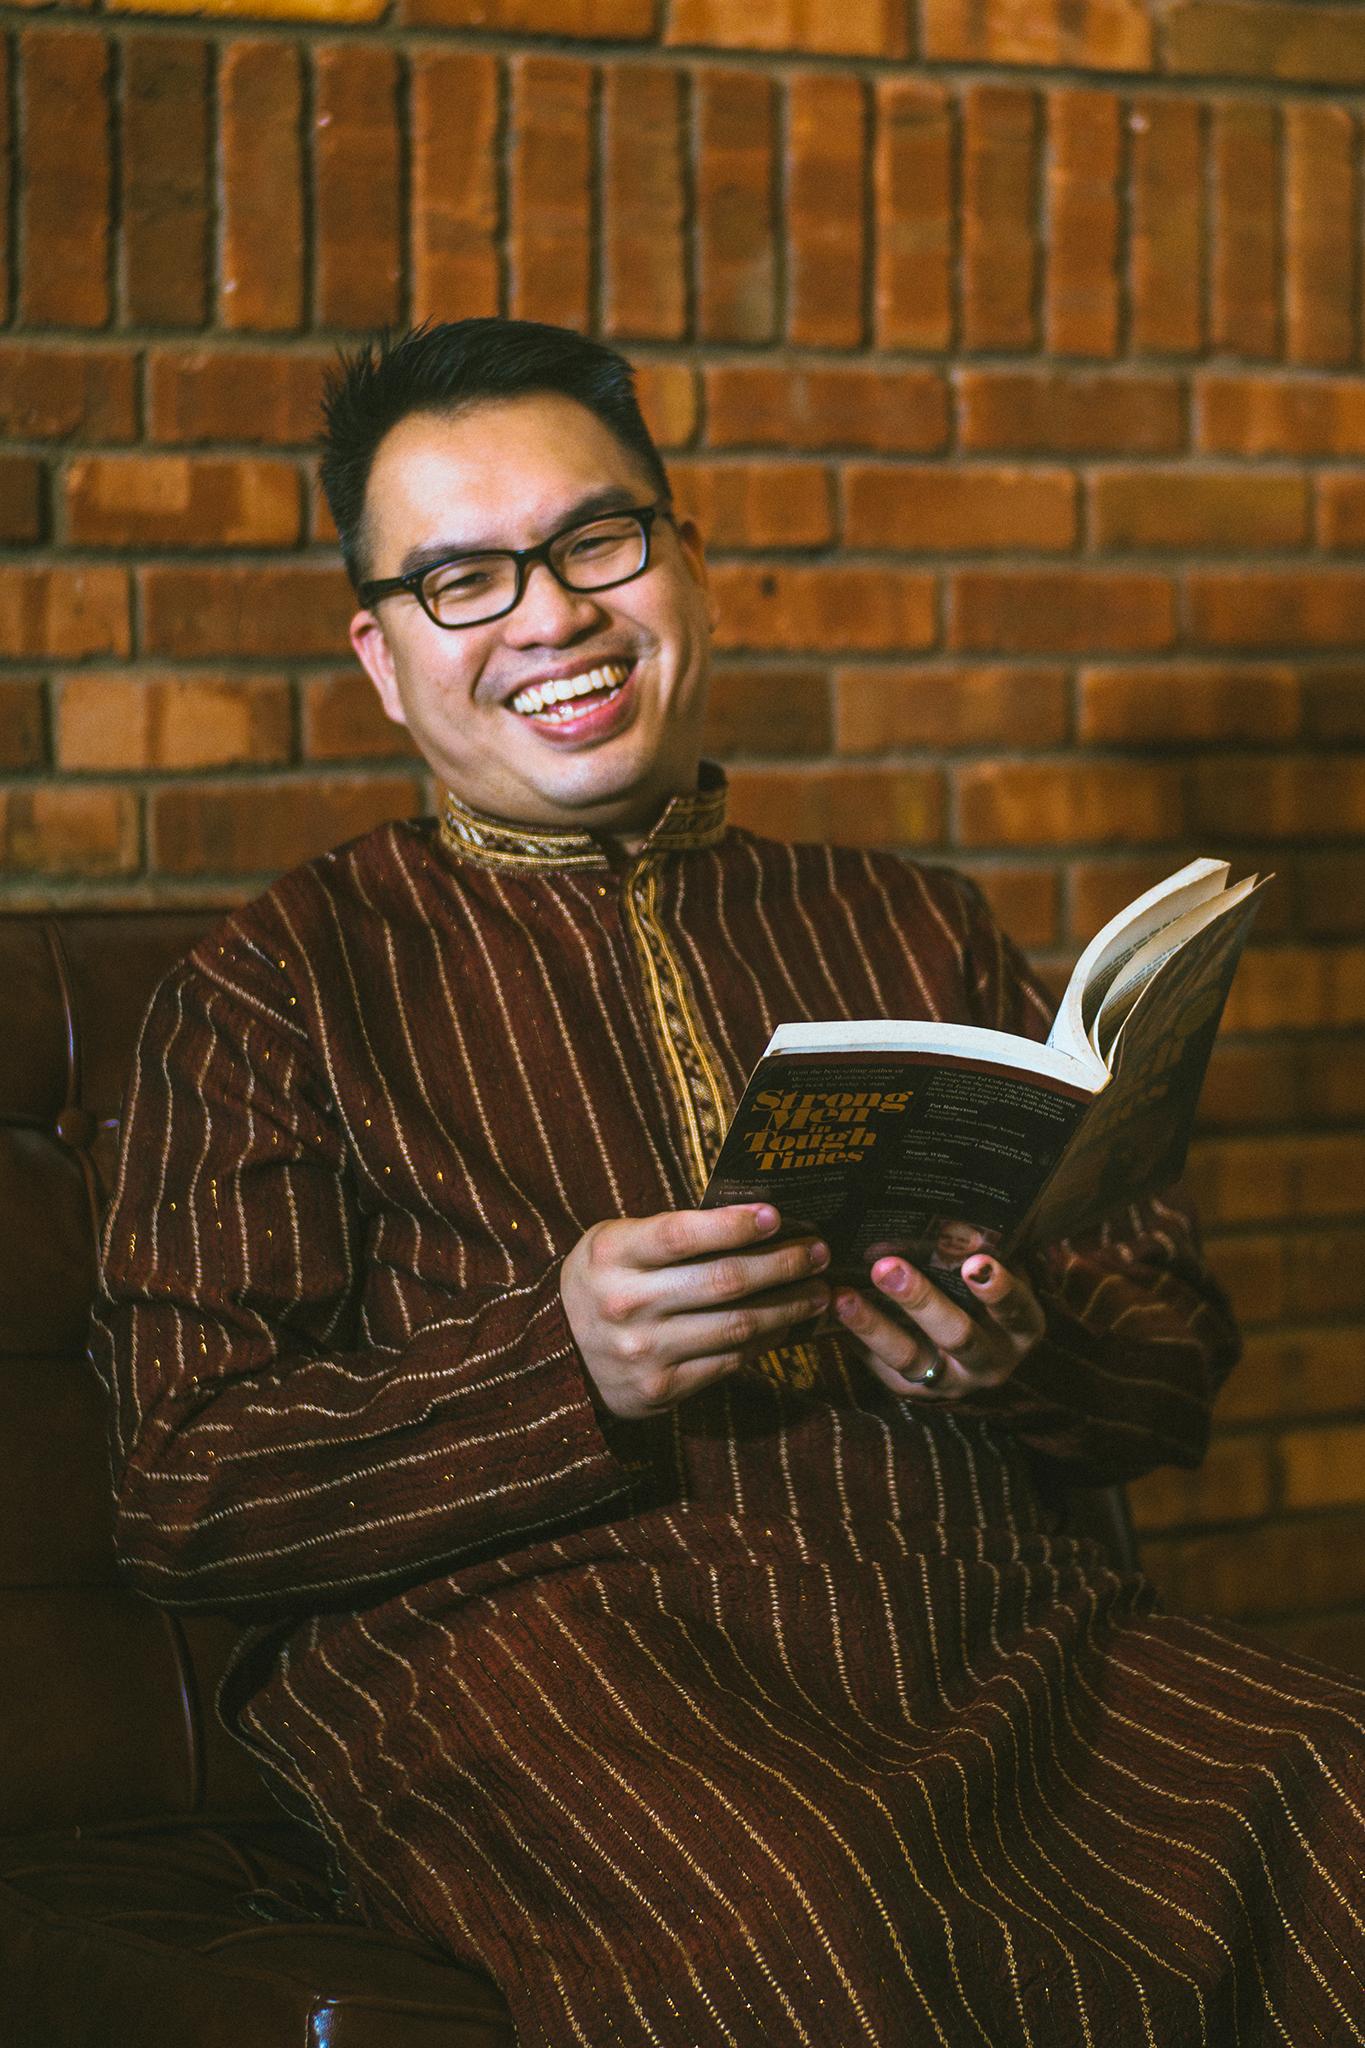 Alvin Keng